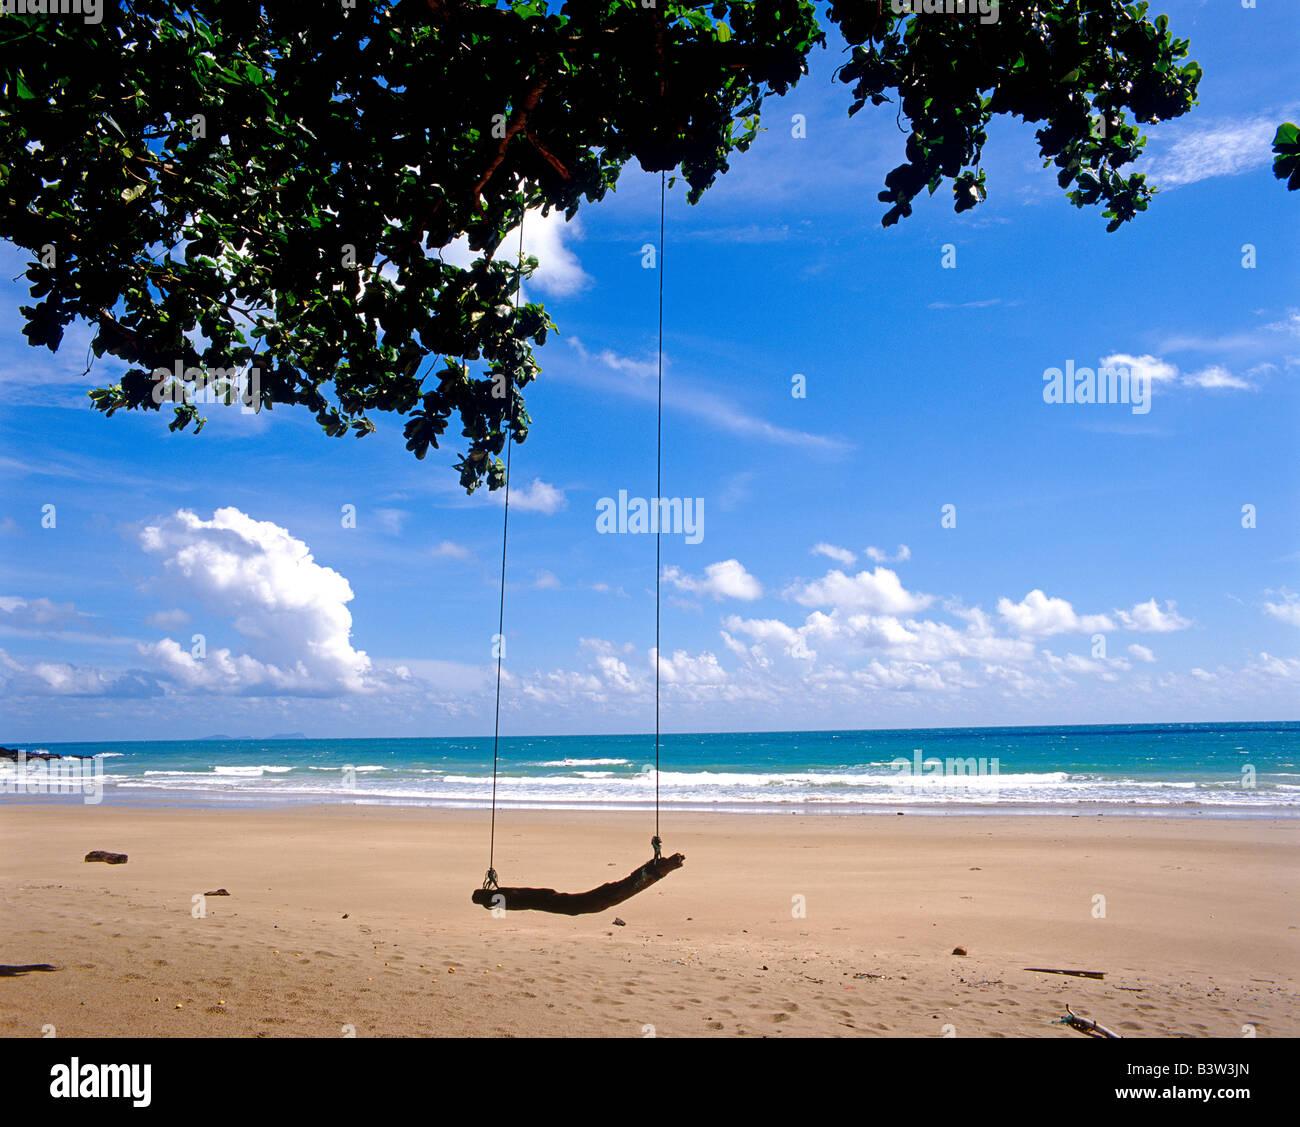 malerische Aussicht auf Meer, Sand und Schaukel Blick Aufs Meer Mit Strand Und Schaukel Stockbild